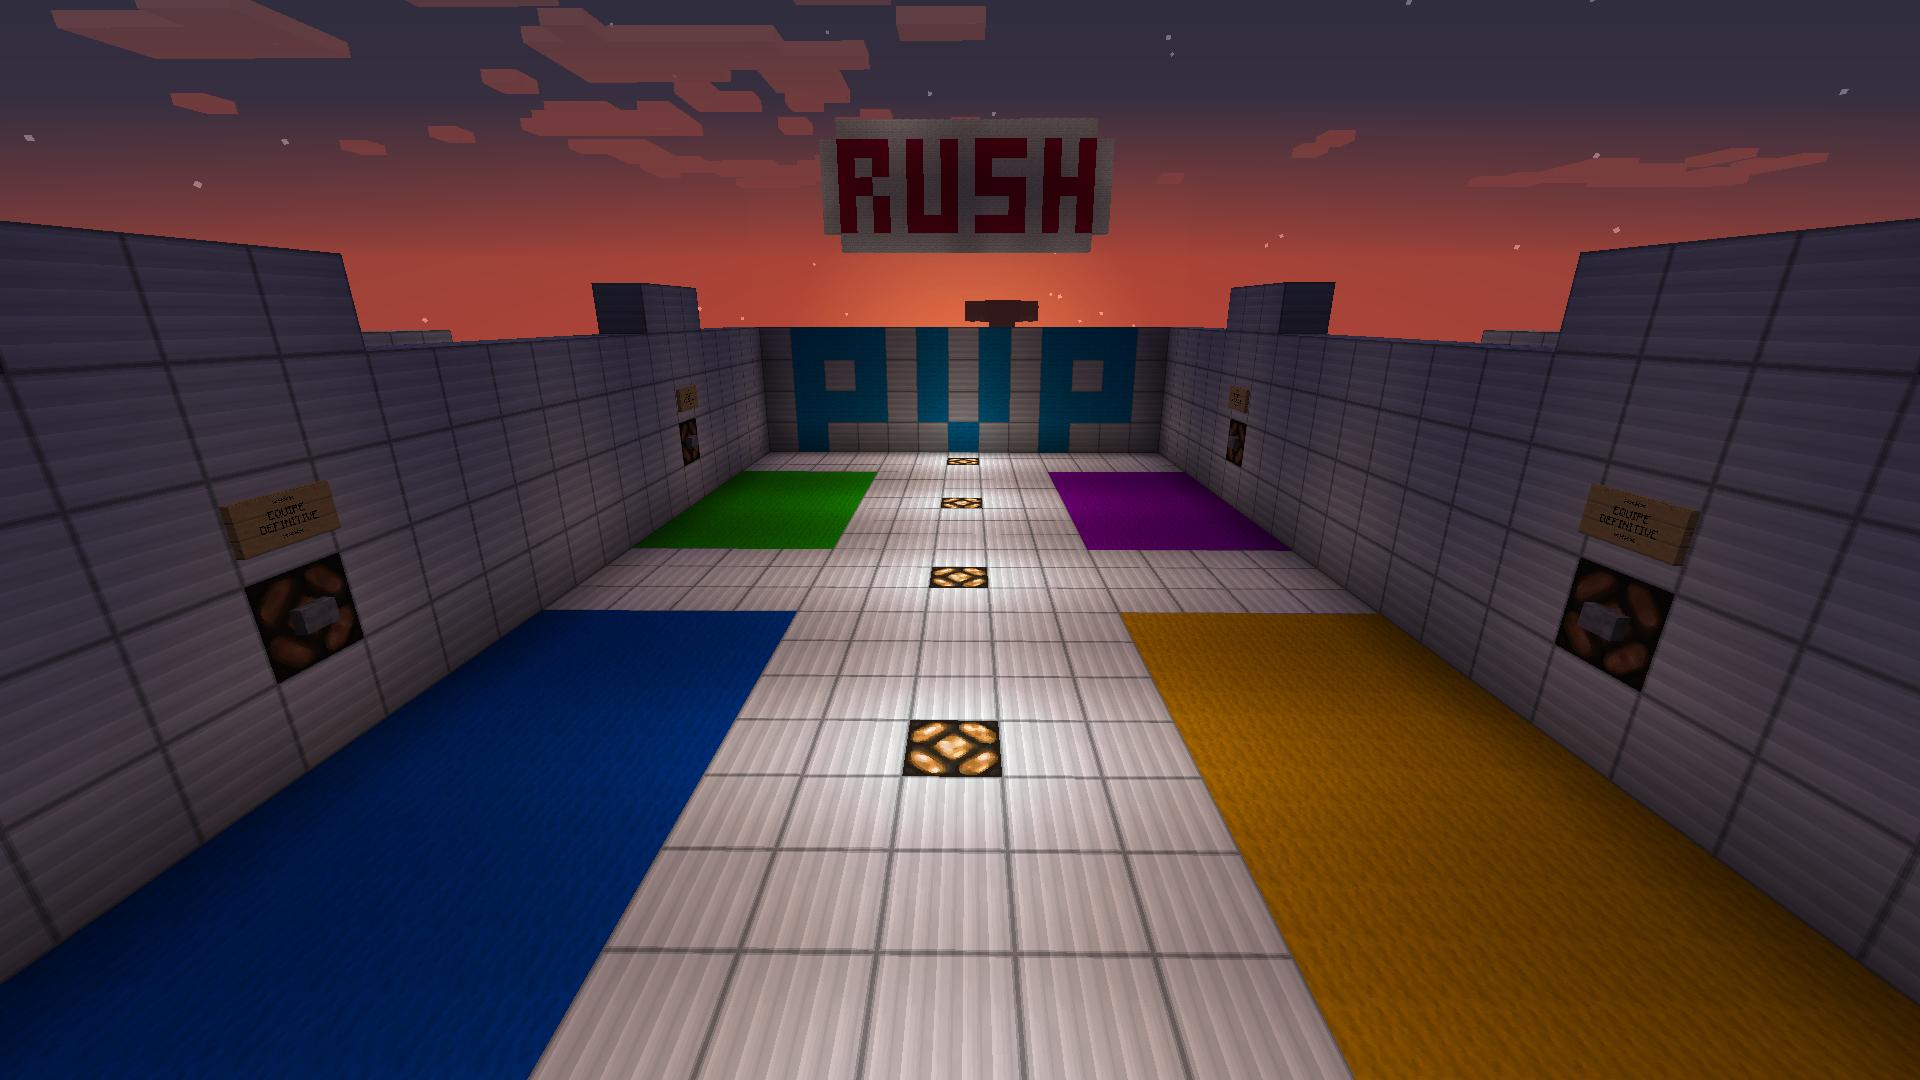 Serveur RushFR 2.png